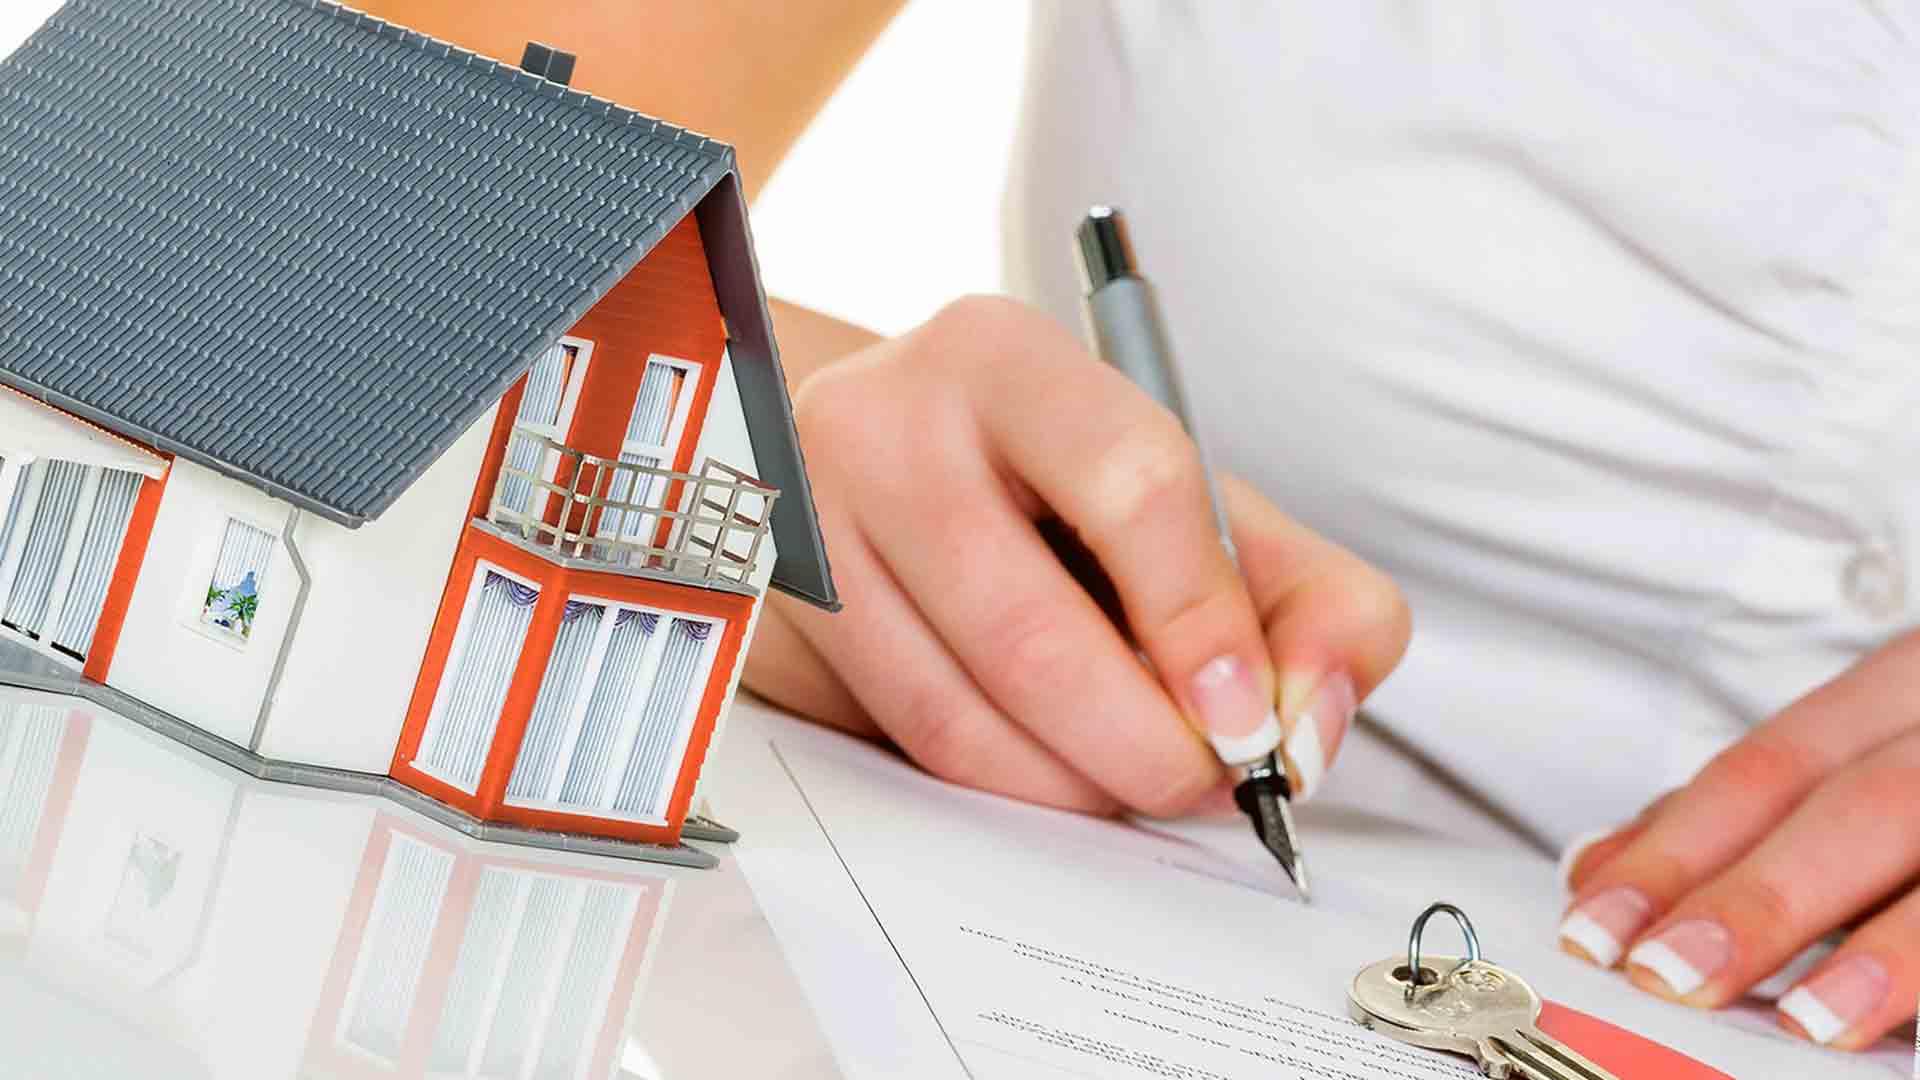 мфо выдающие займы под залог недвижимости